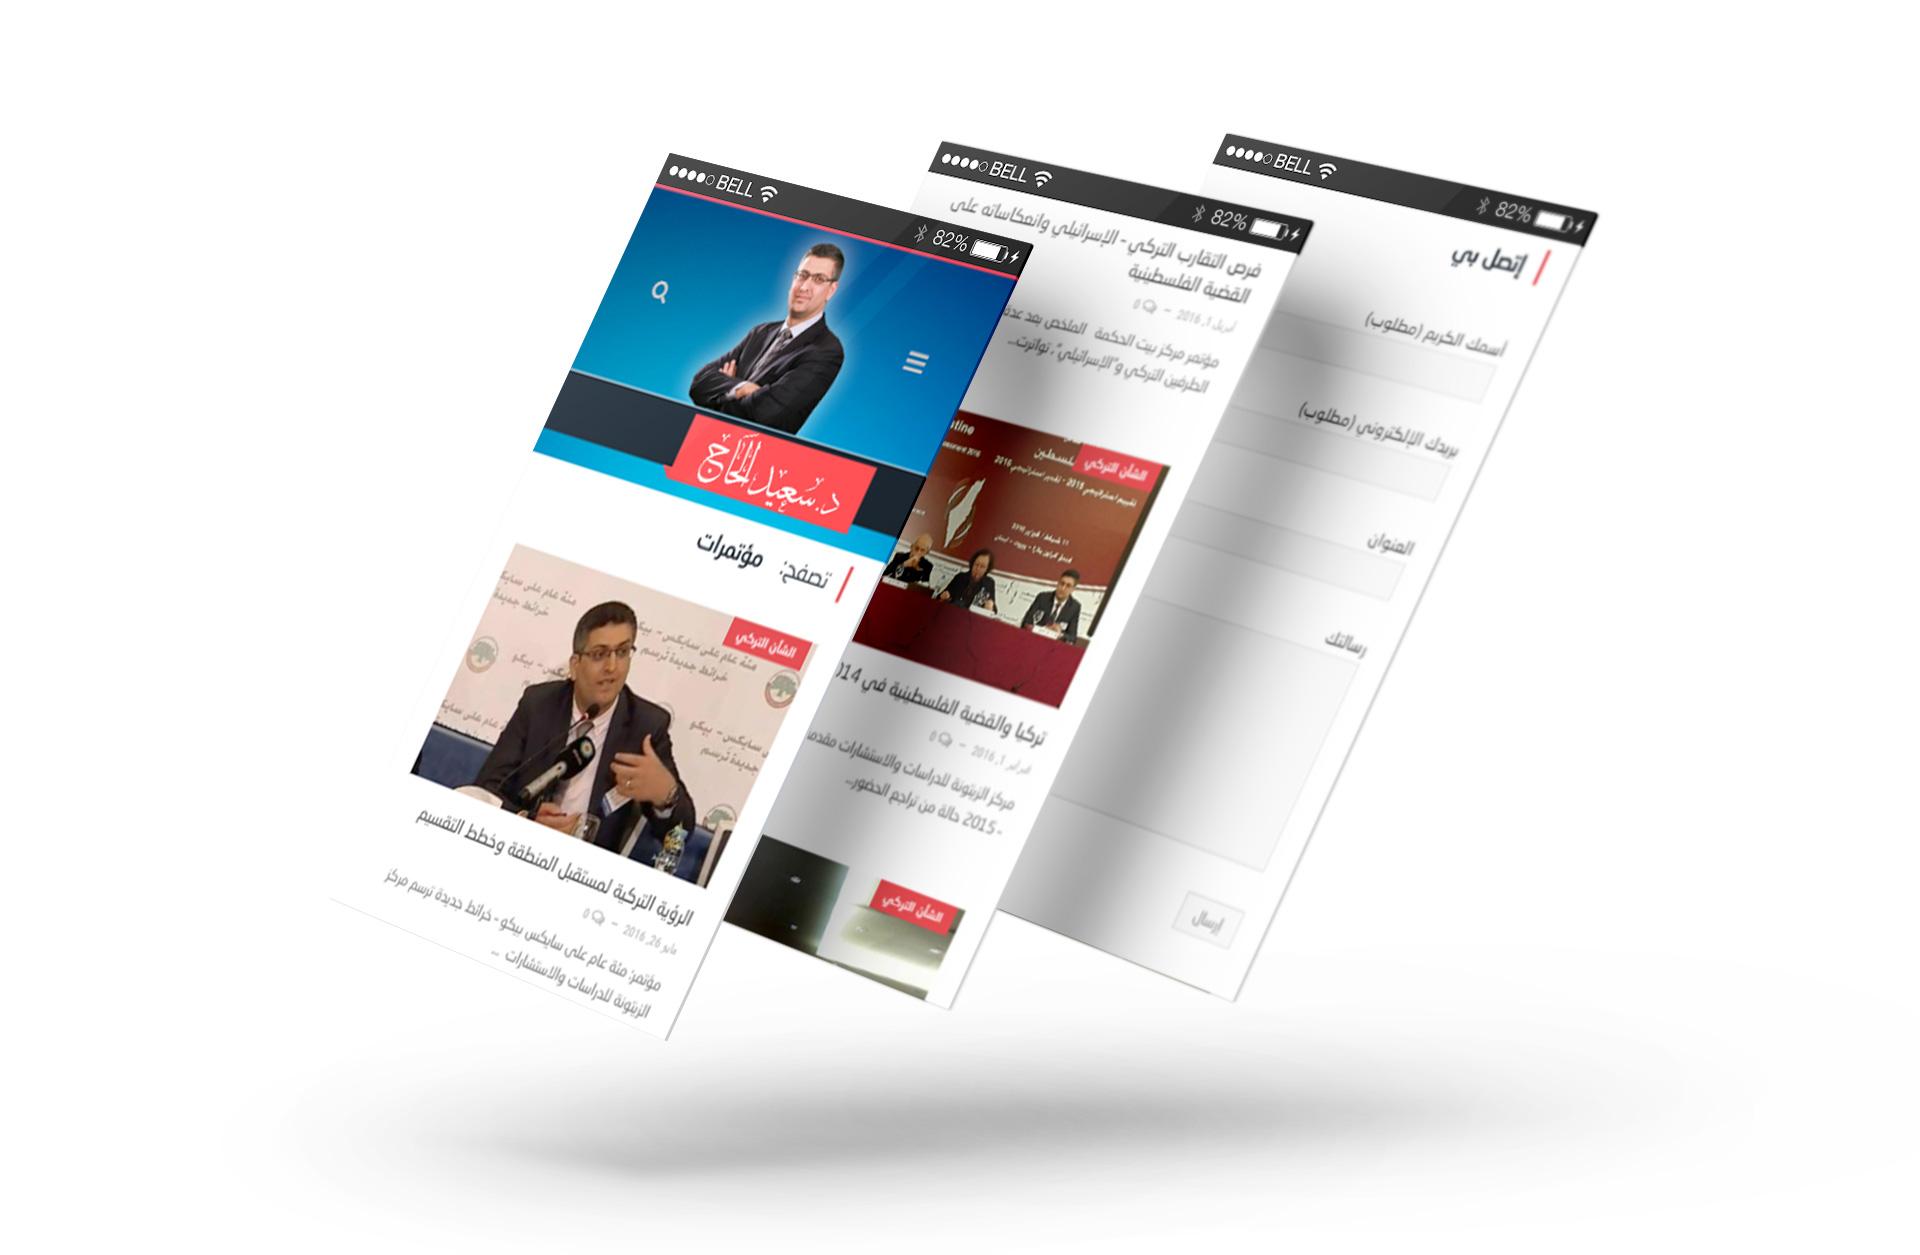 2P - خدمات العلاقات العامة والتسويق الرقمي -الدكتور سعيد الحاج